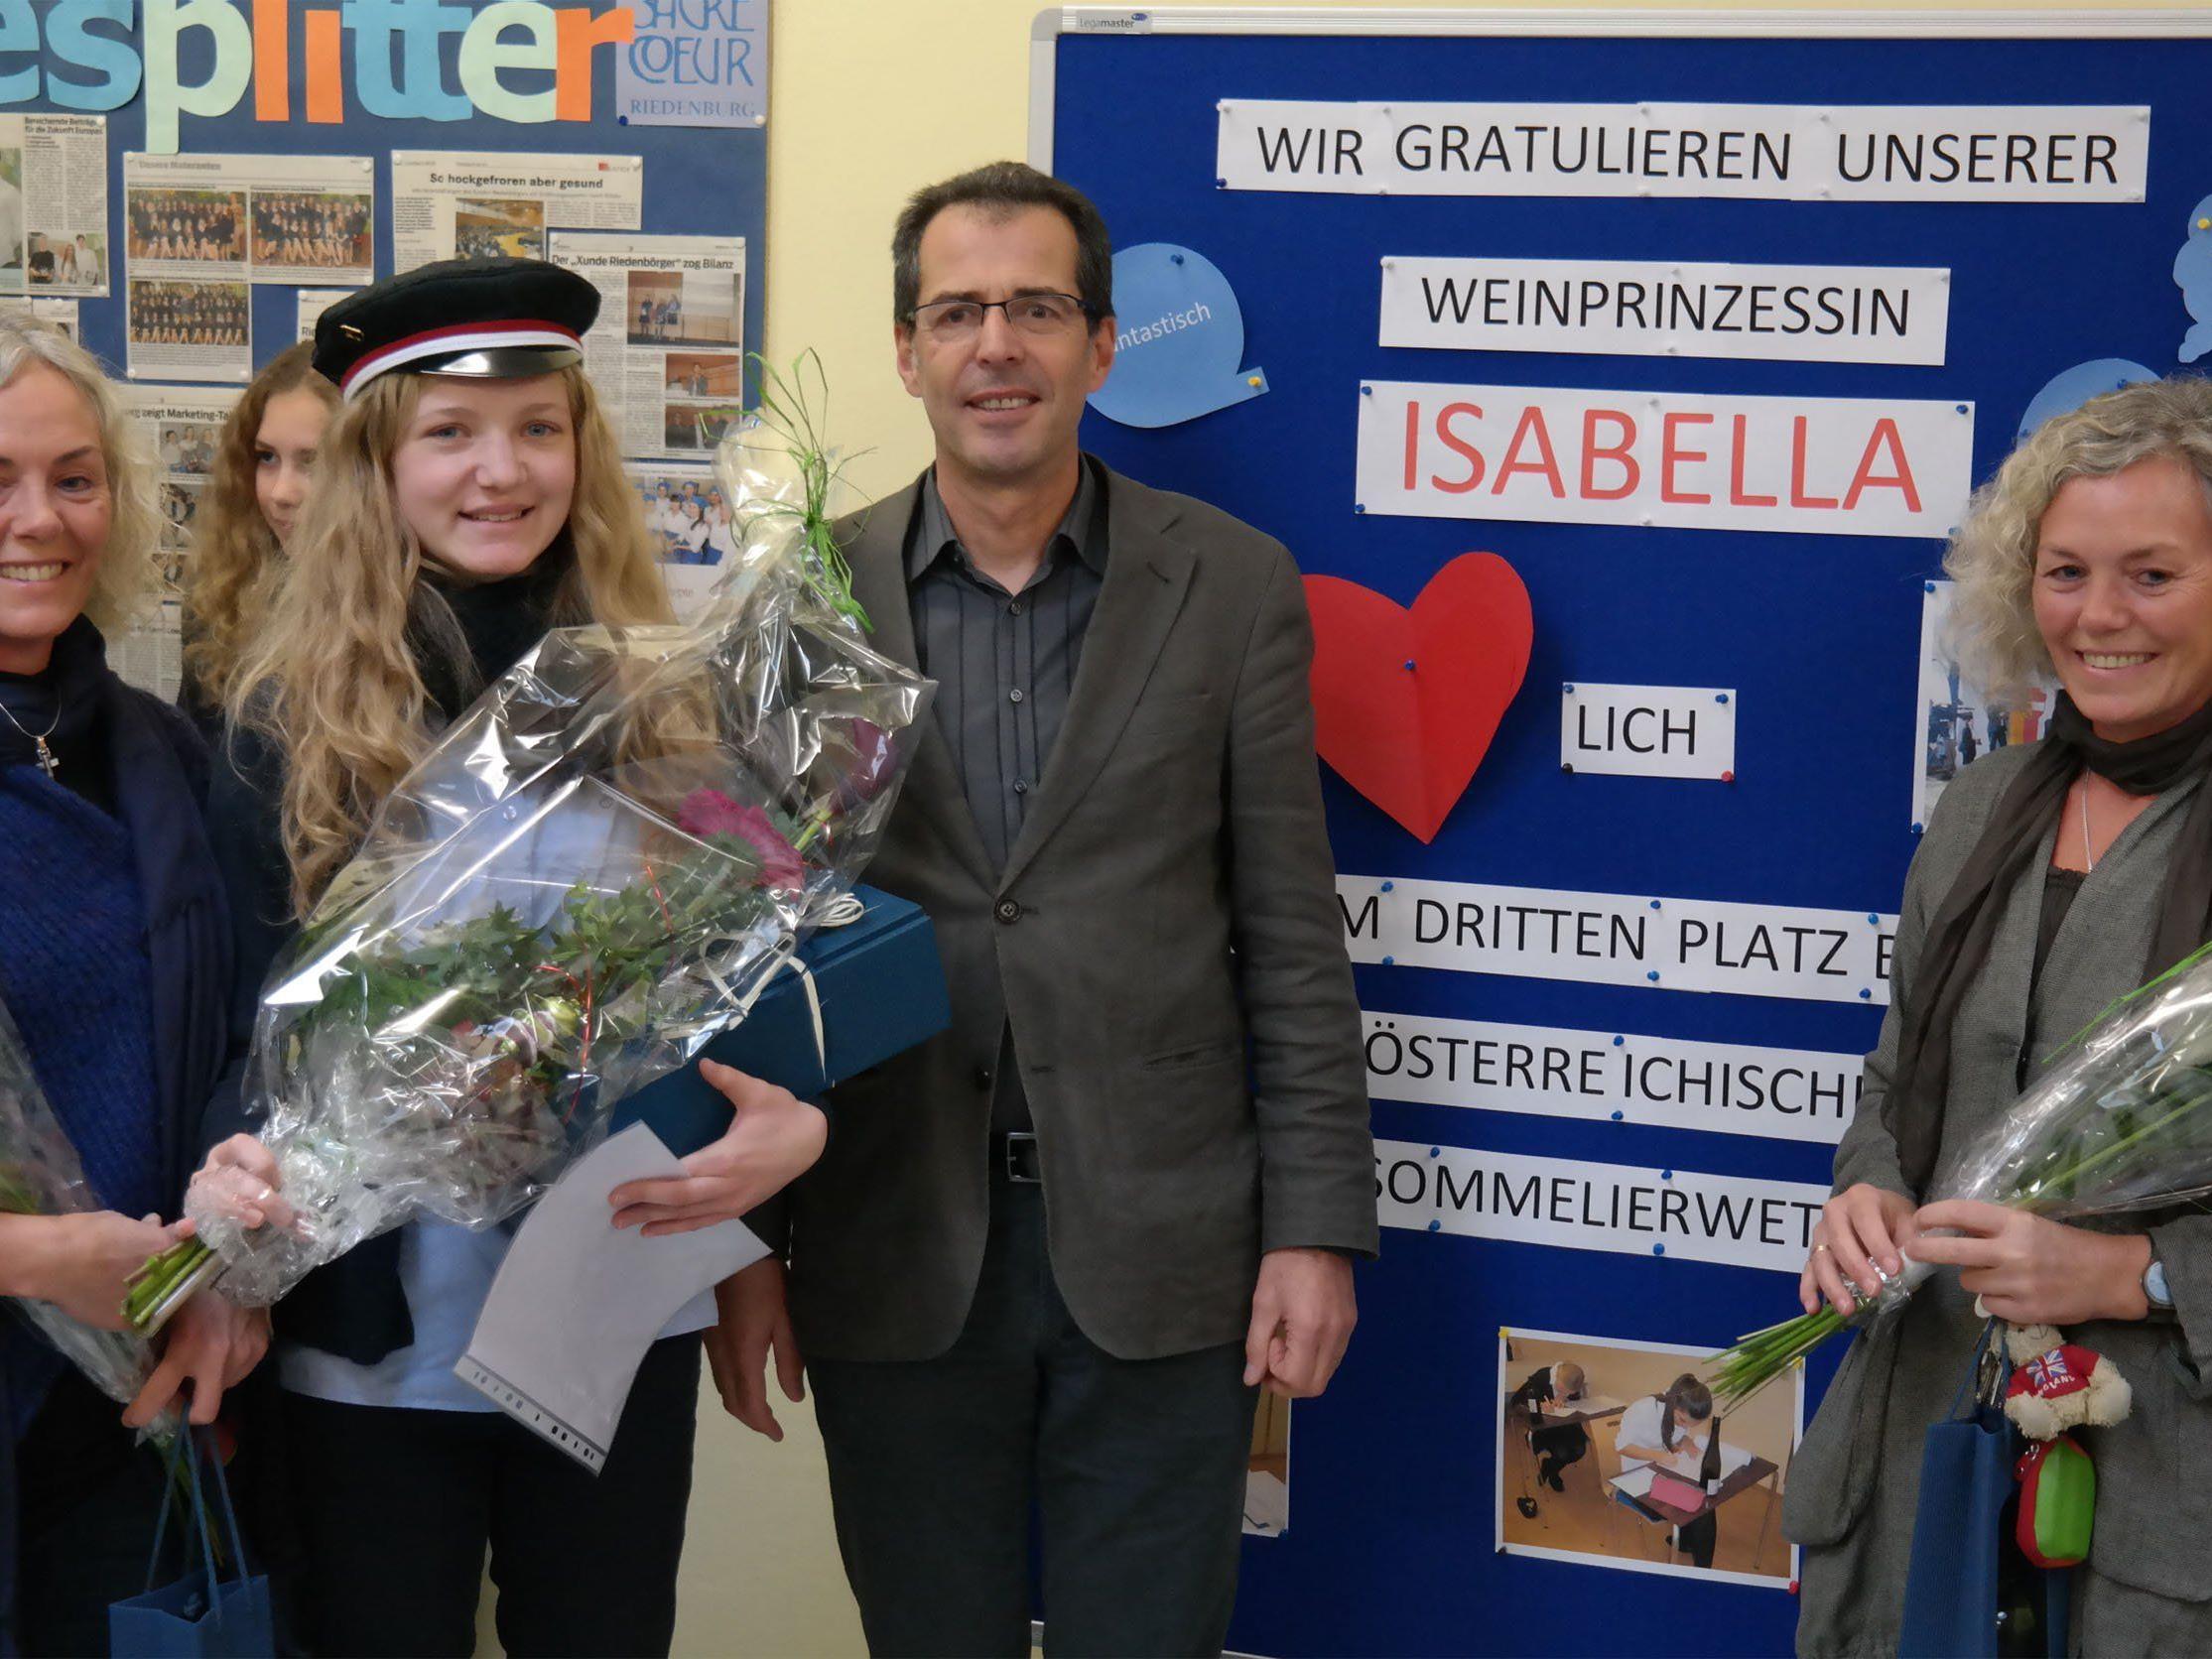 Top-Sommelierin (von links): Helga Boch, Isabella Oberhauser, Gebhard Hintgergger, Gerda Krämer.